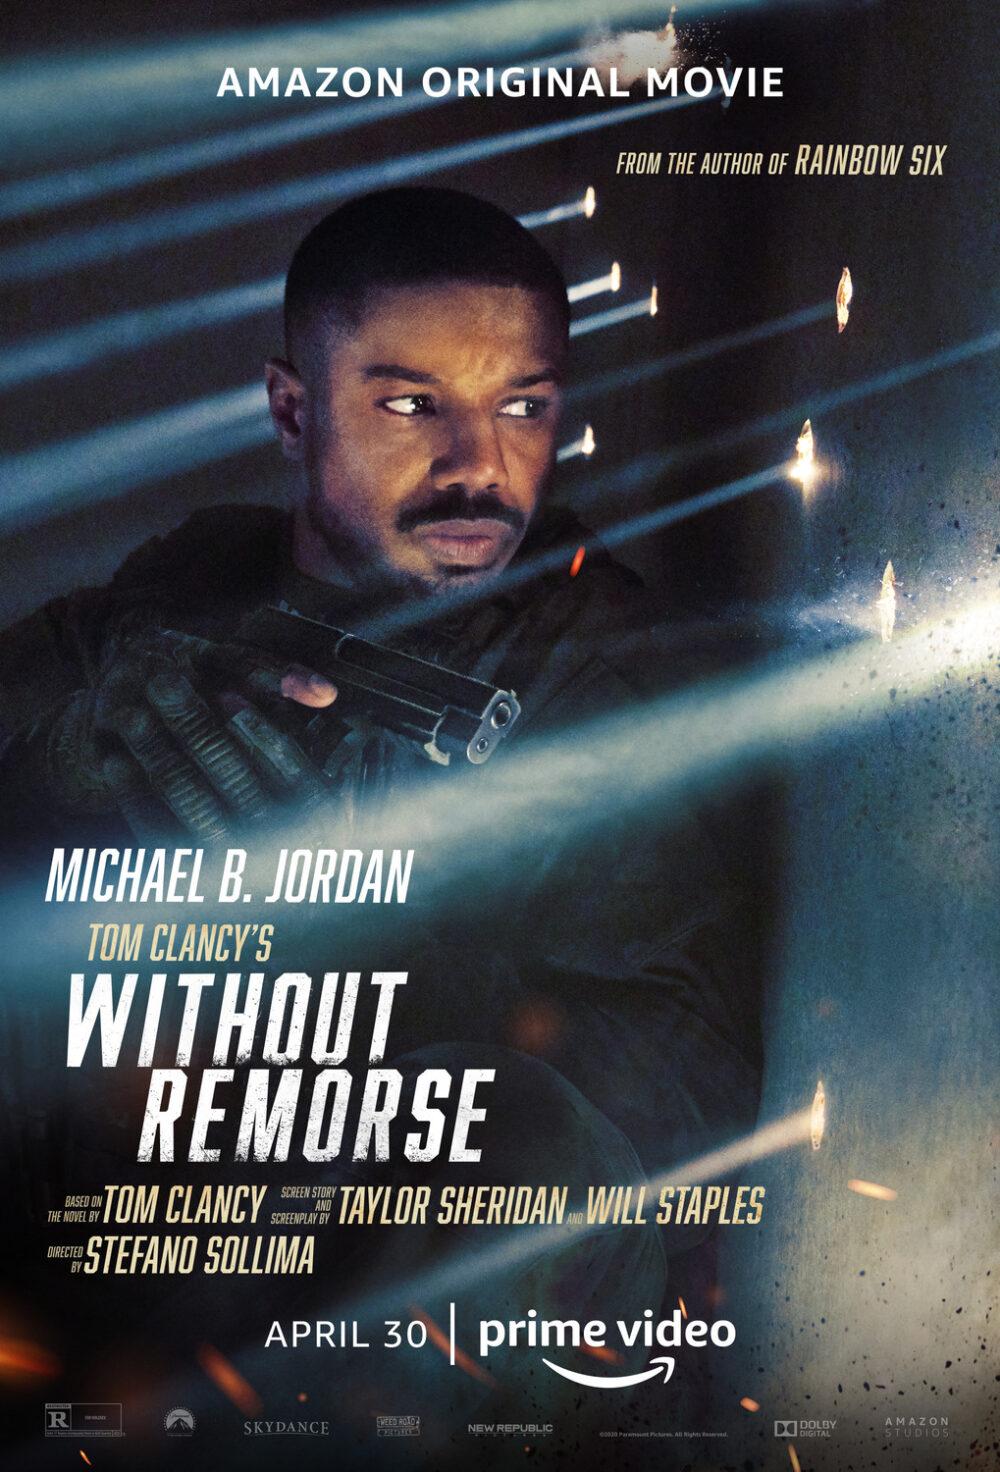 without-remorse-il-film-con-michael-b-jordan-arriva-su-amazon-ad-aprile